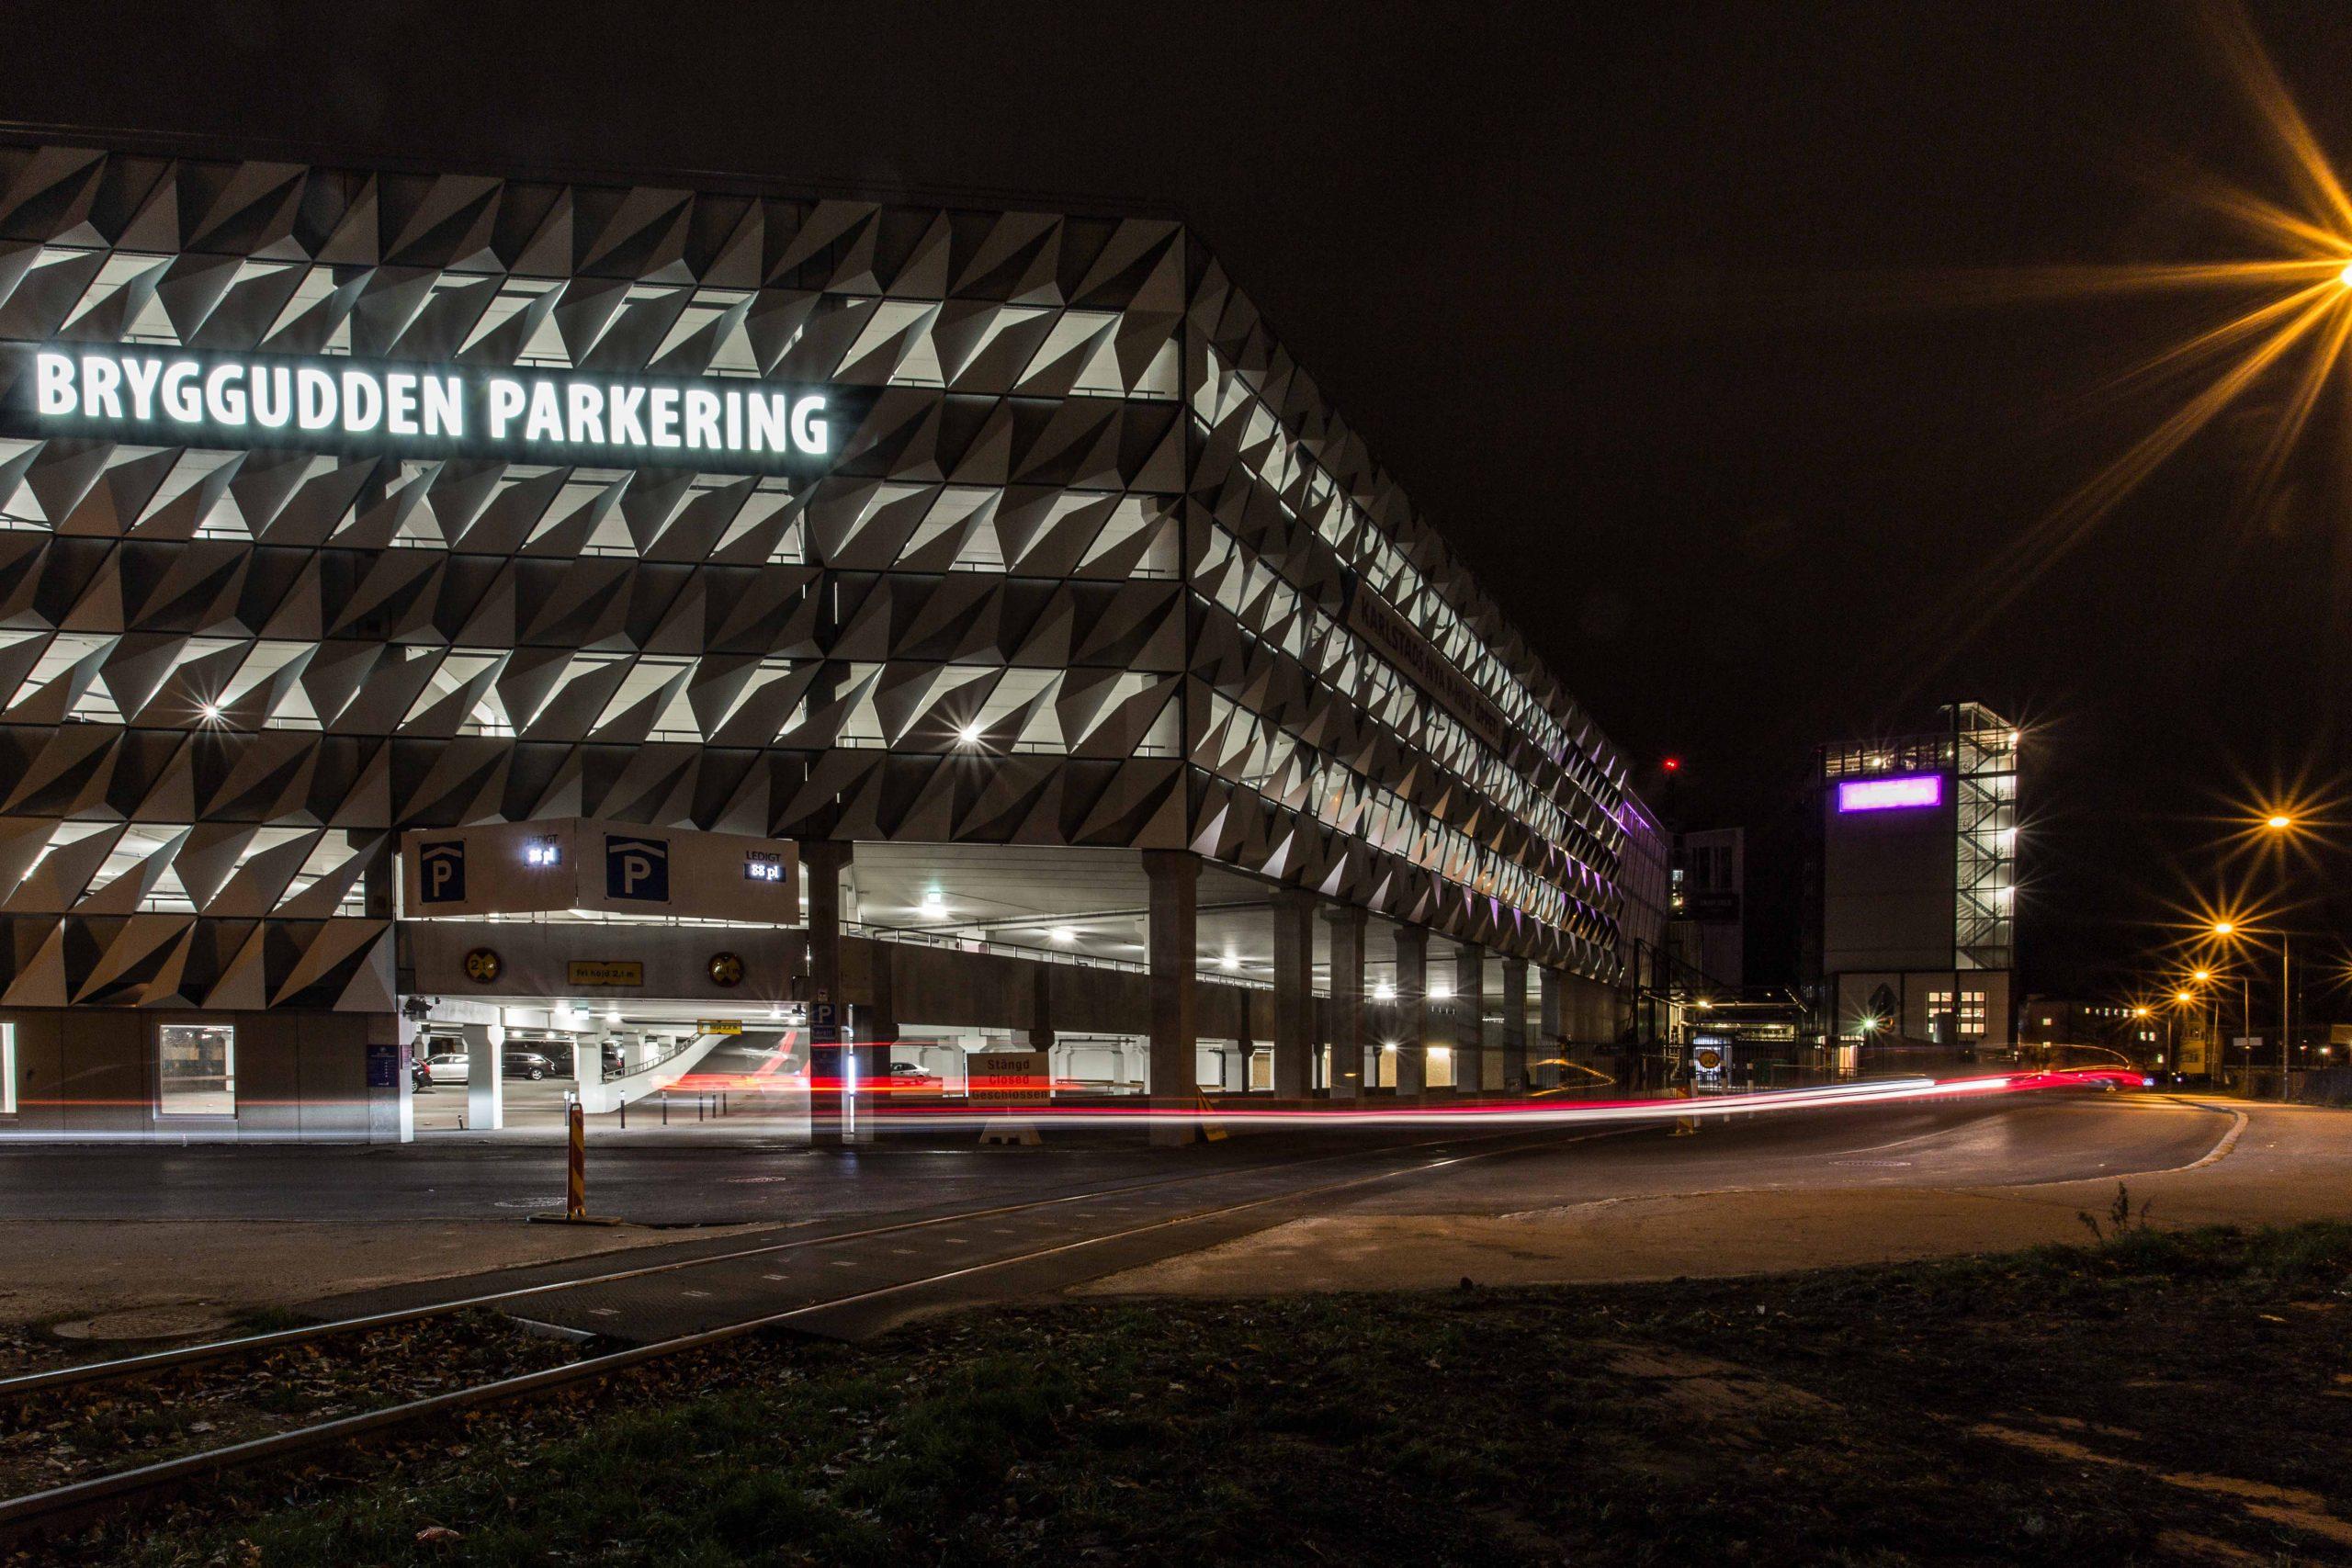 Parkeringshus Bryggudden